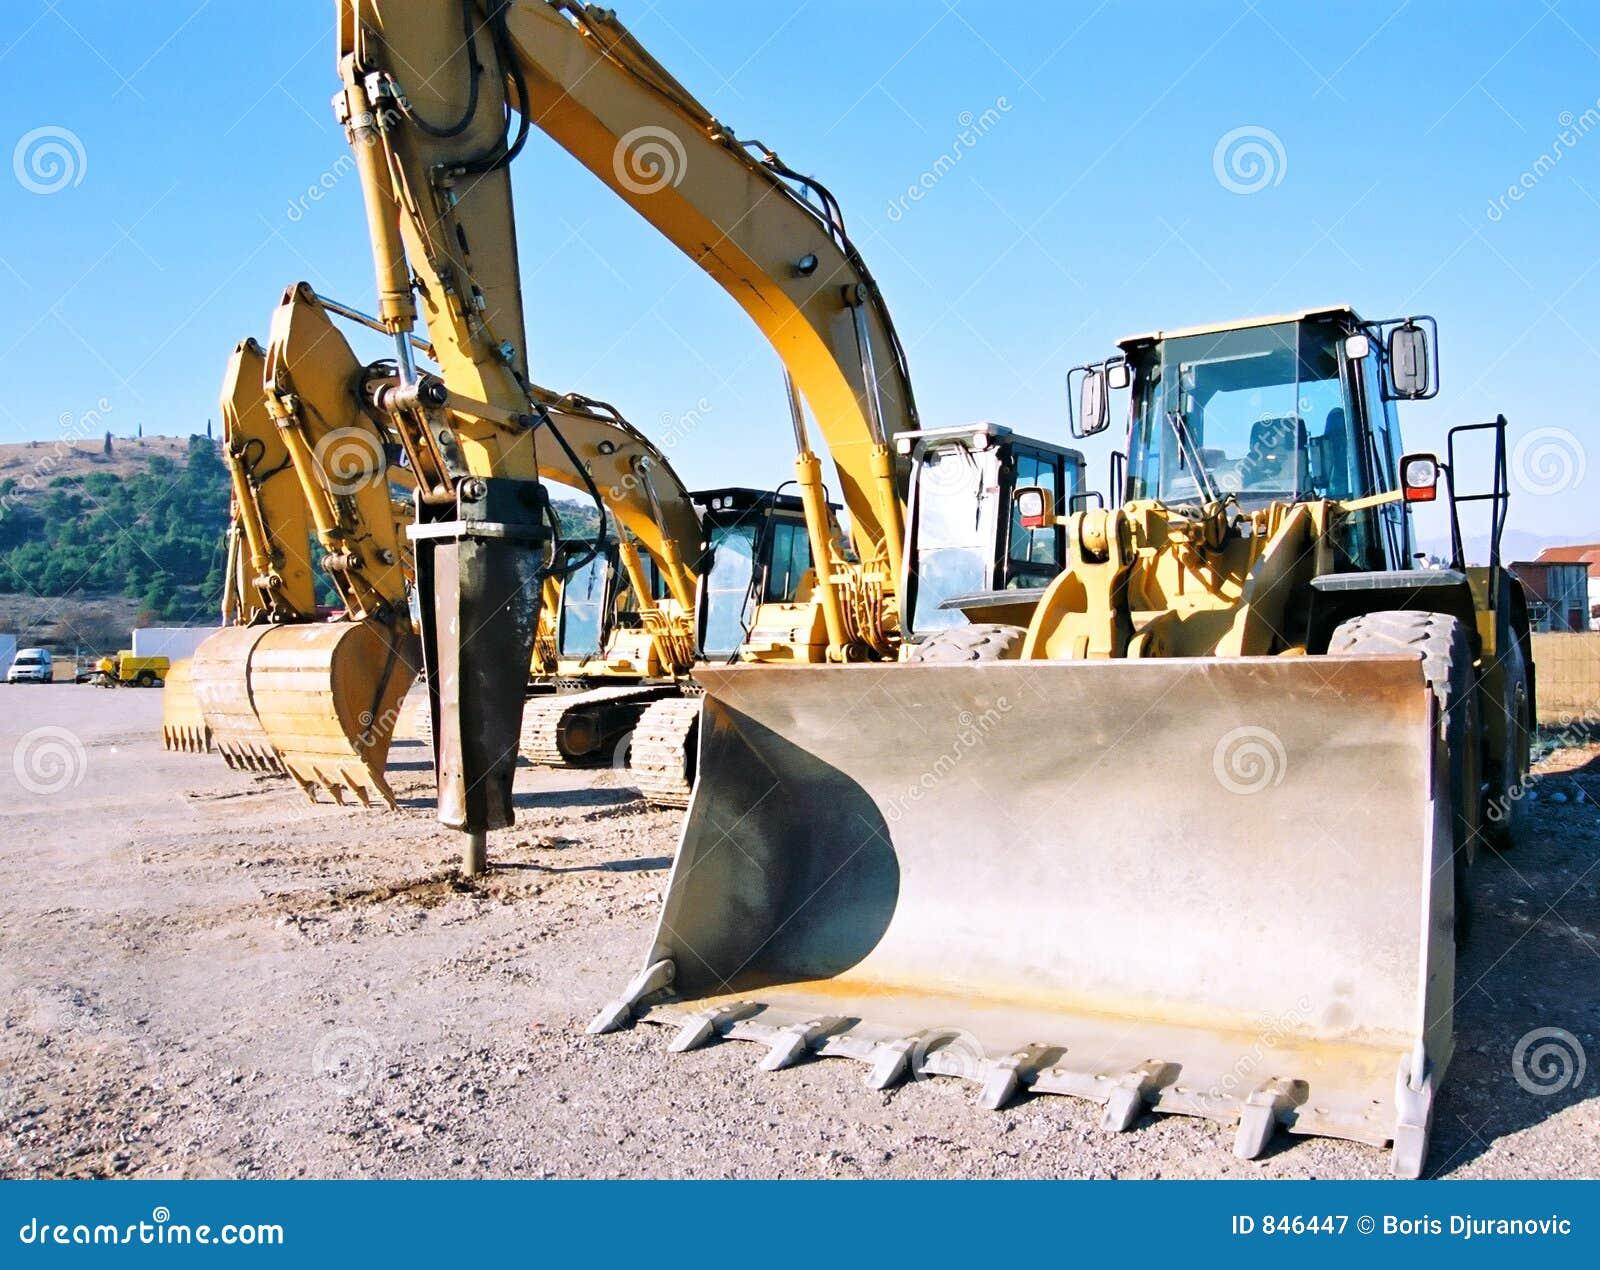 Diggers at parking